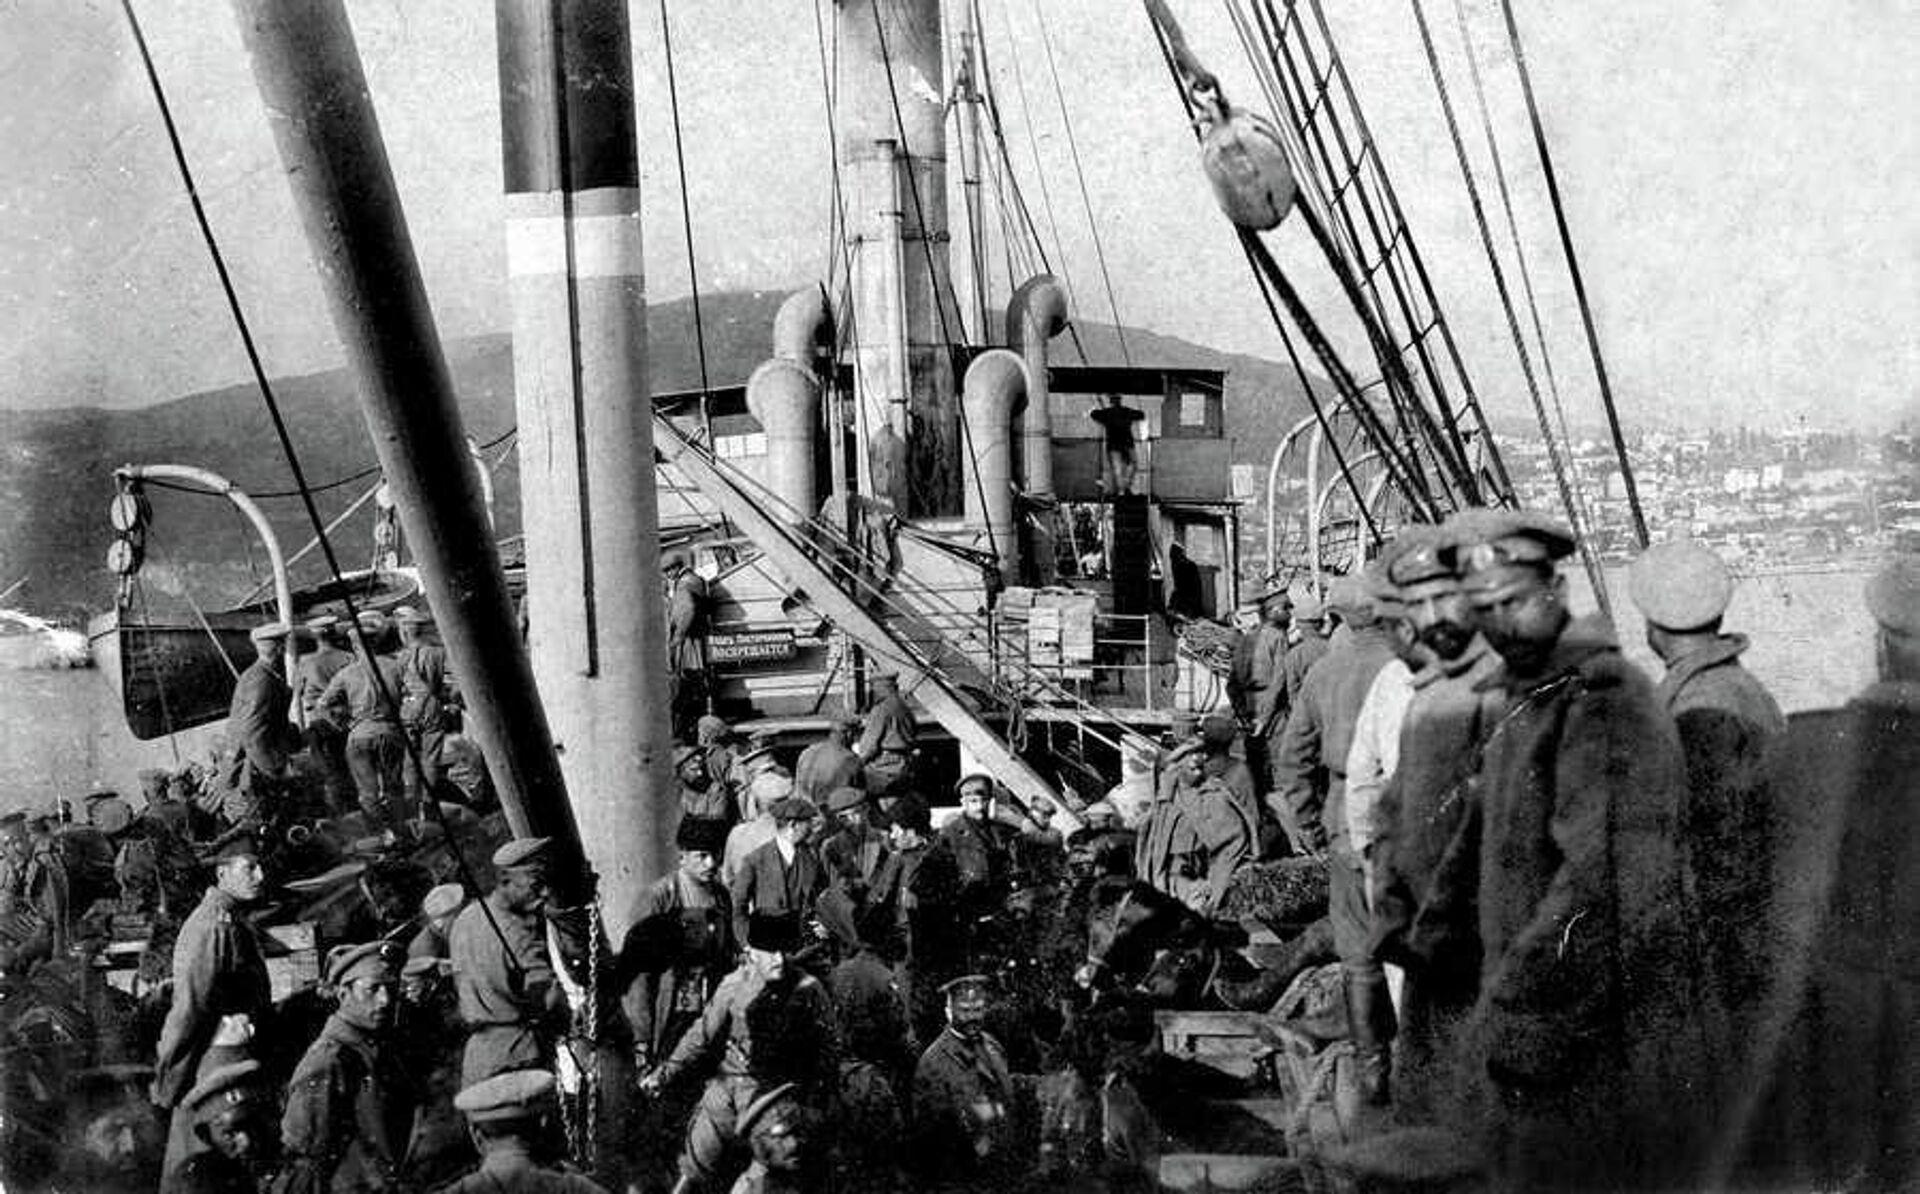 Крымская эвакуация, 1920 год - РИА Новости, 1920, 12.11.2020